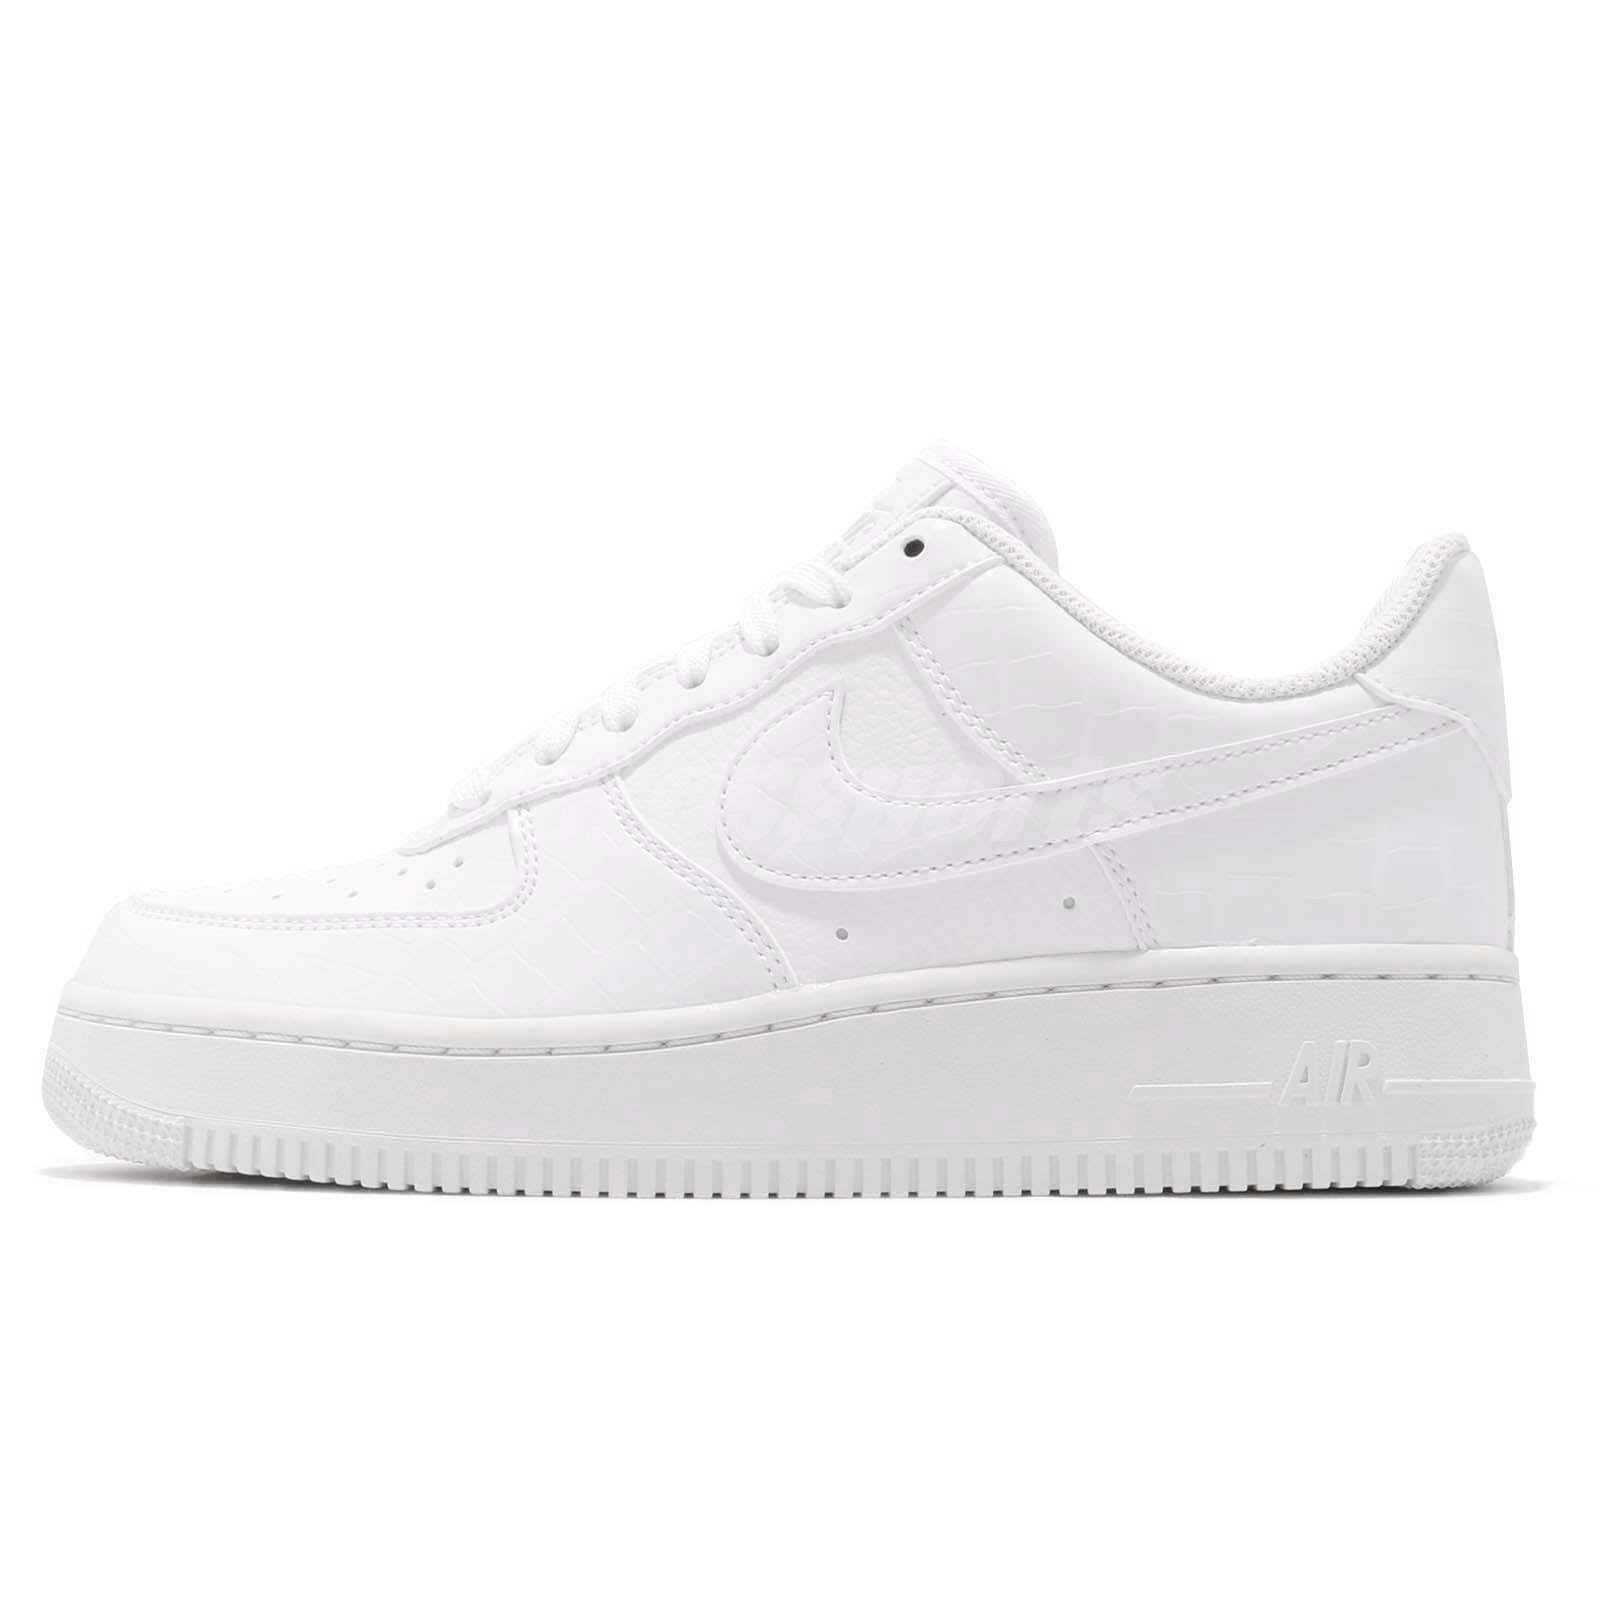 Detalles acerca de Nike Wmns Air Force 1 07 ESS AF1 Mujeres Zapatos blanco Piel de serpiente patrón AO2132 100 mostrar título original